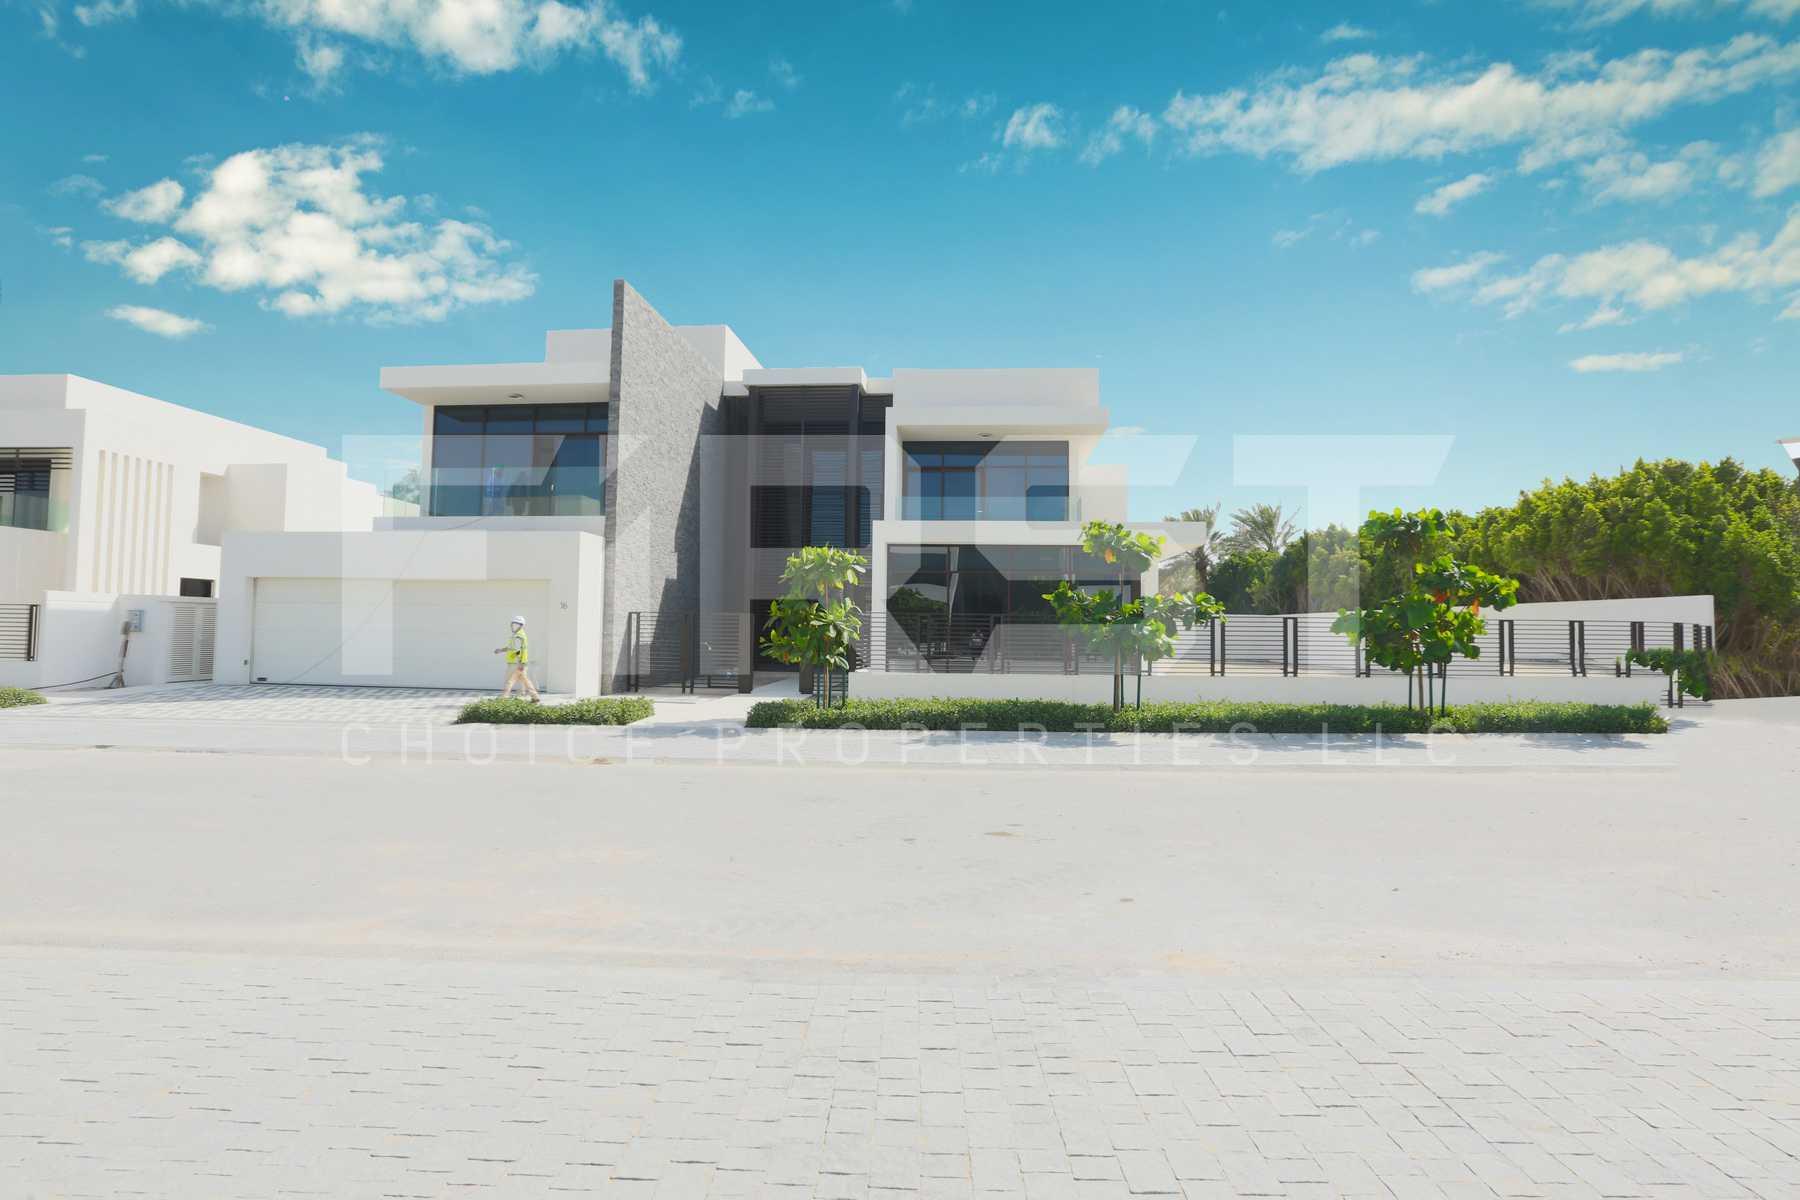 External Photo of 4 Bedroom Villa in Jawaher Saadiyat Saadiyat Island Abu Dhabi UAE (4).jpg